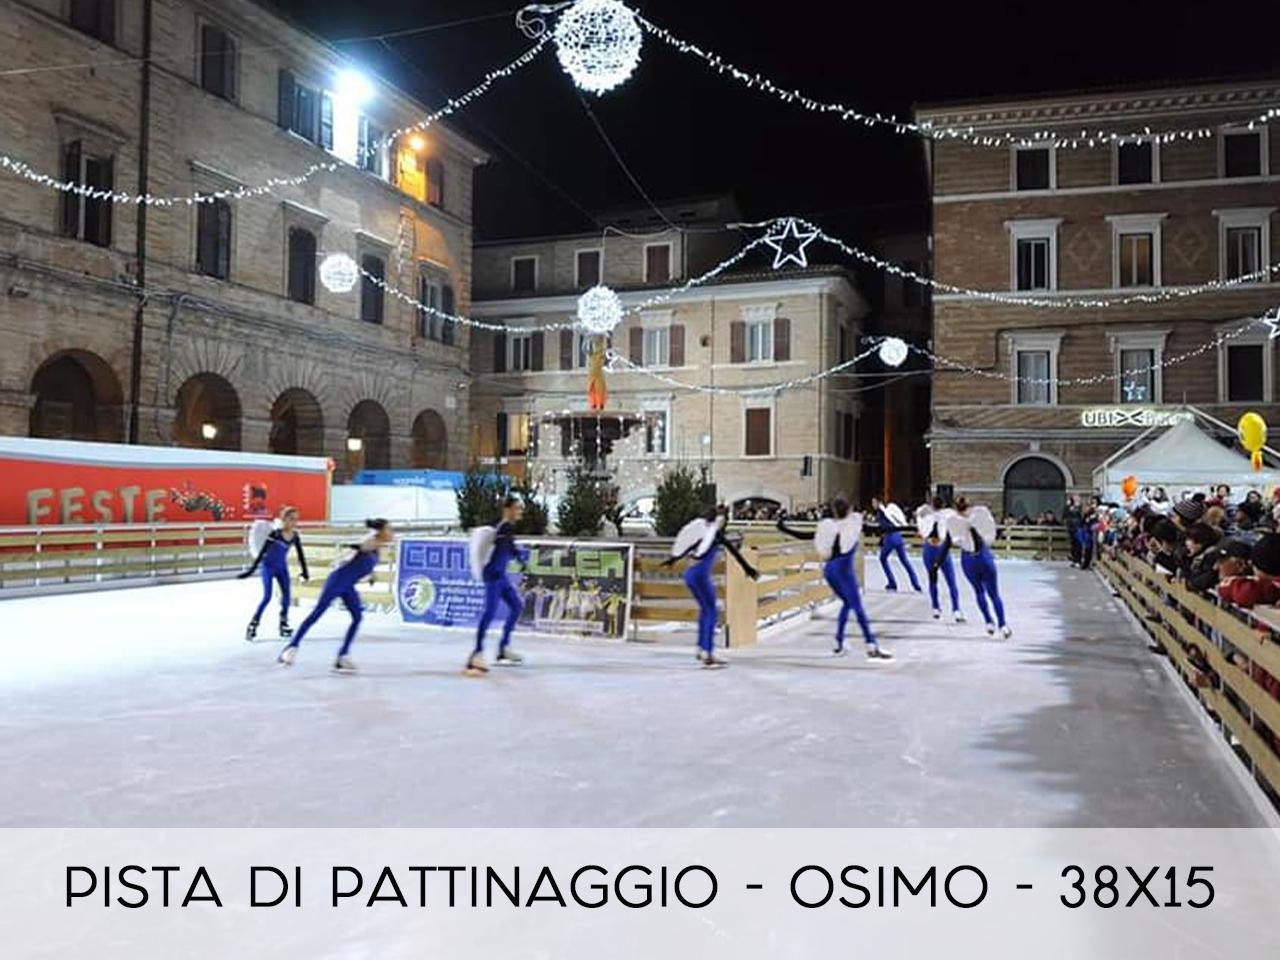 pista di pattinaggio - Osimo - 38x15